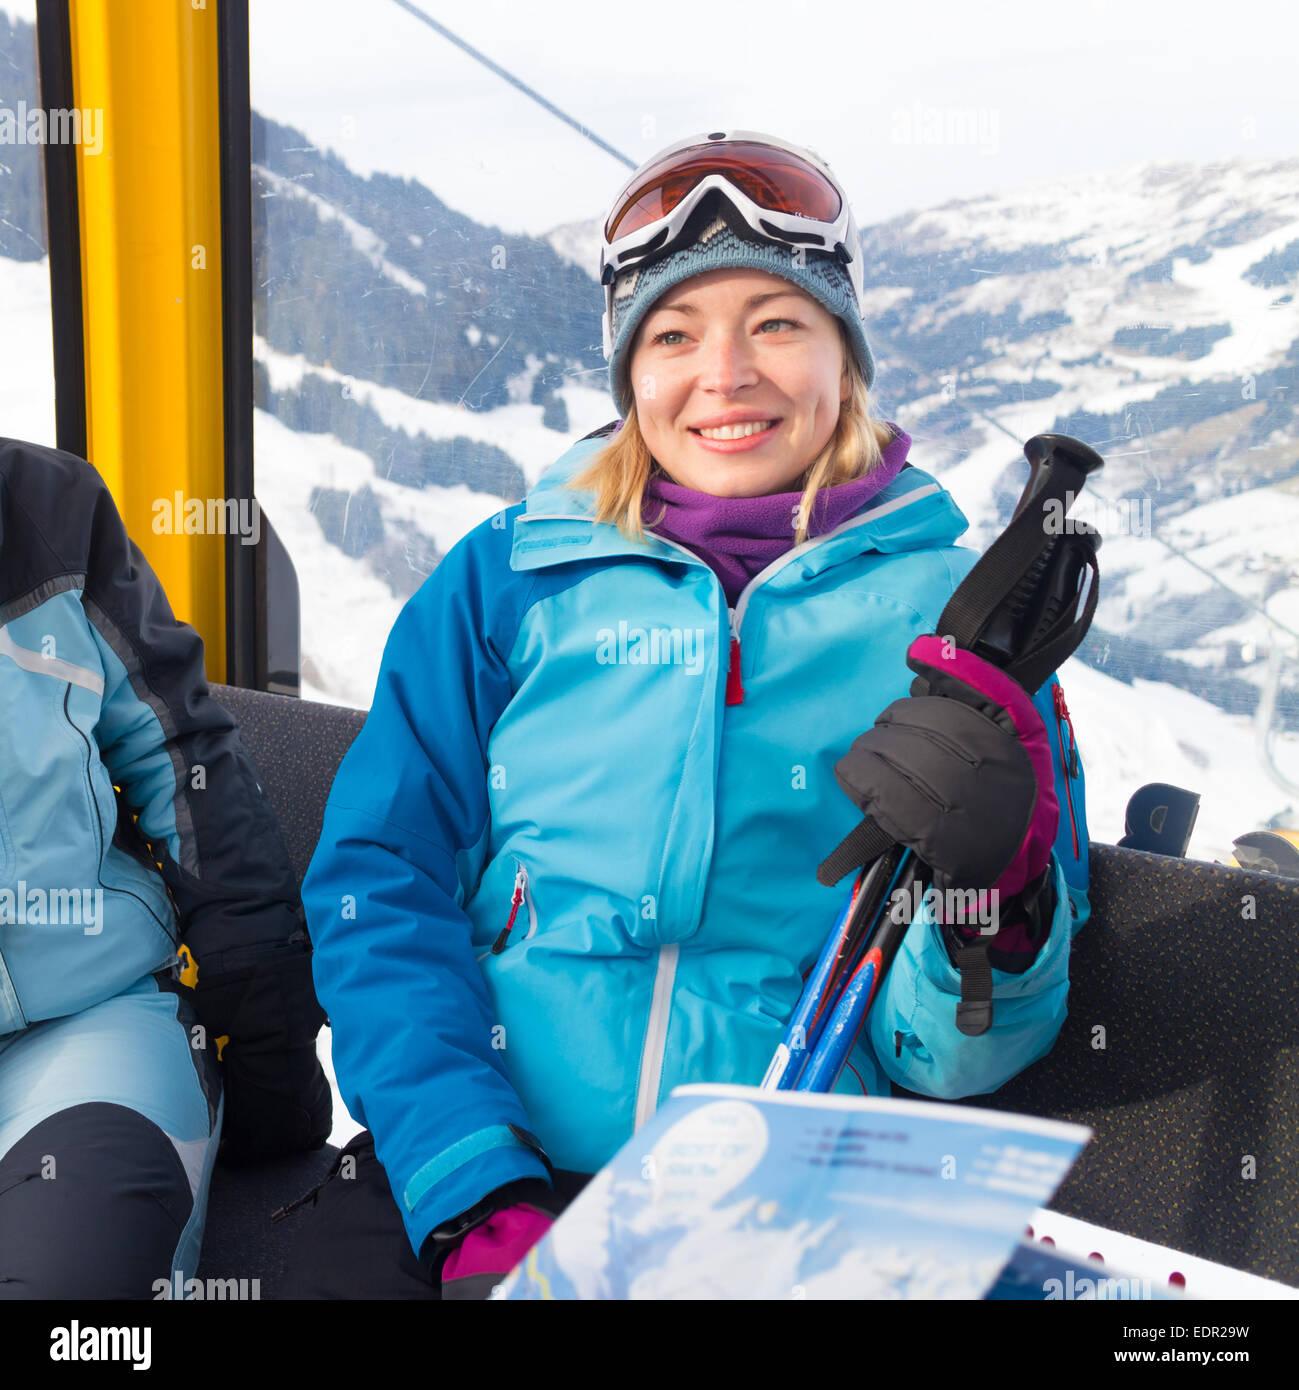 Female skier in gondola. - Stock Image